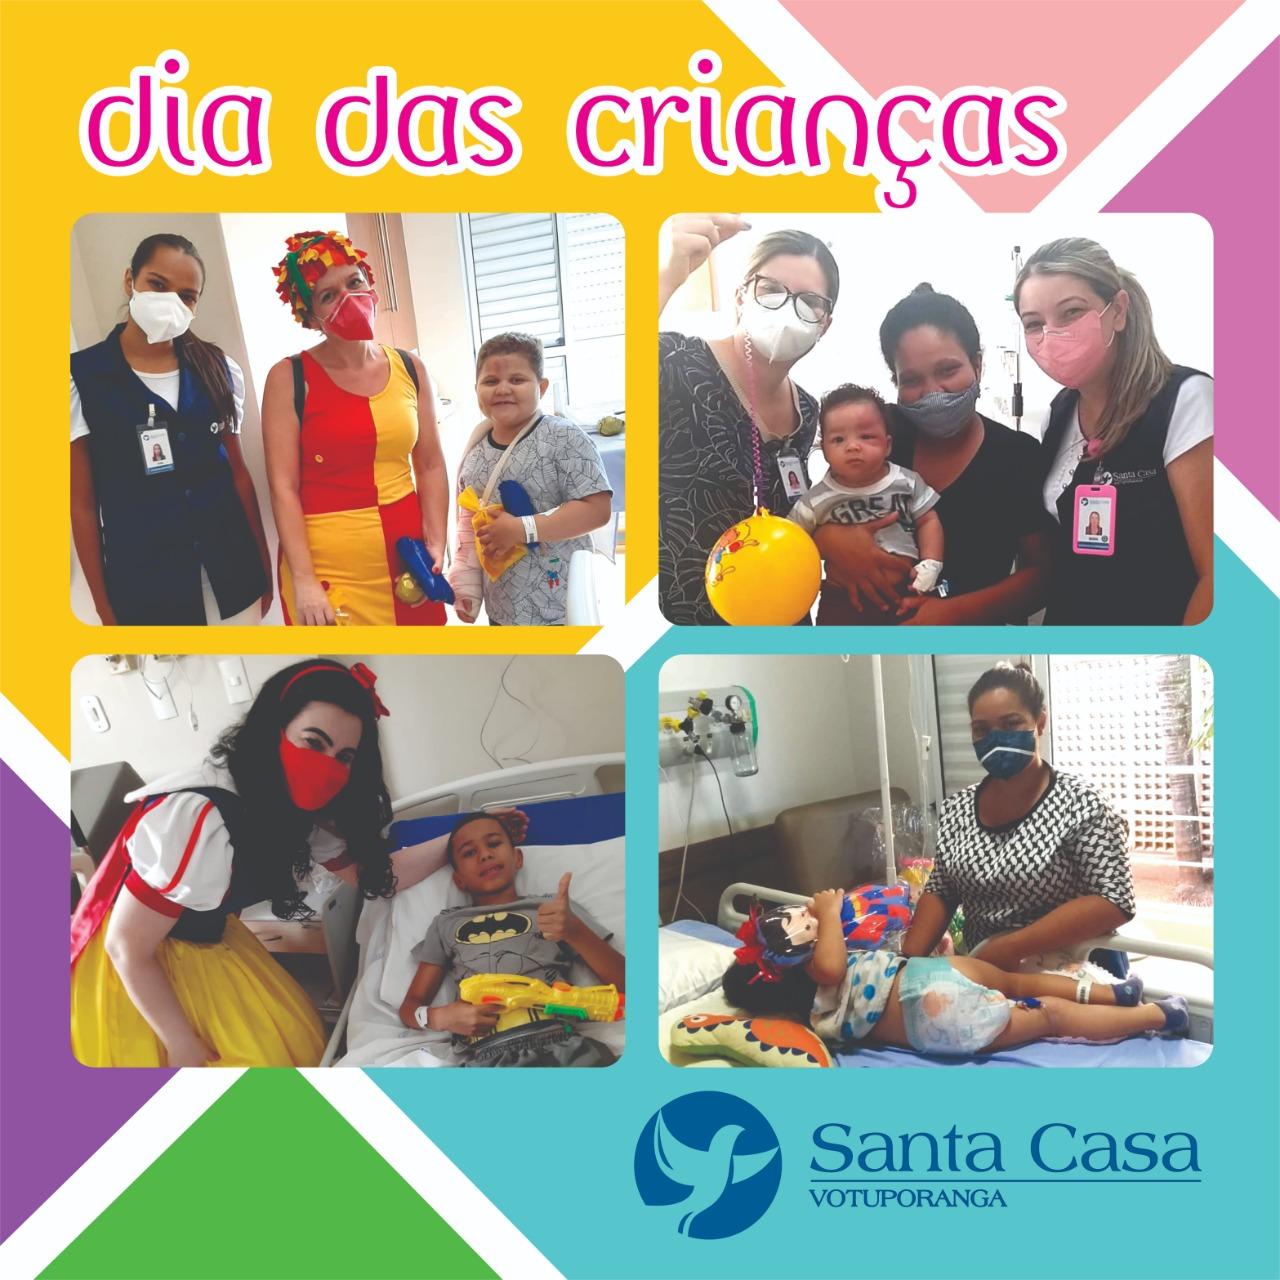 Dia das Crianças: doação de brinquedos marca a data especial